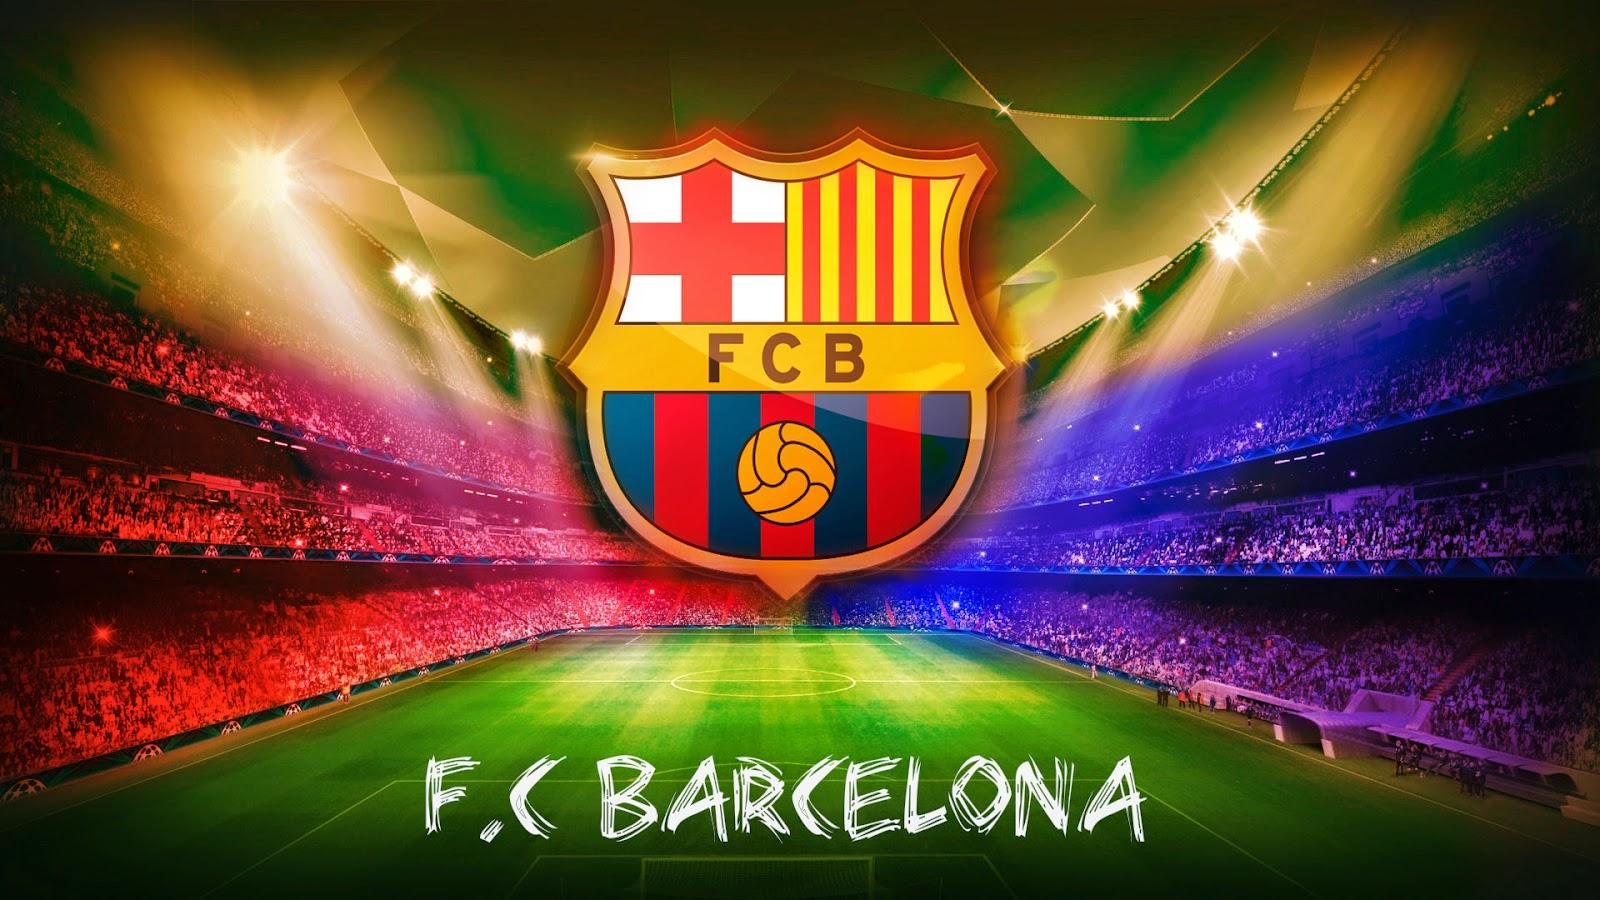 """<img src=""""http://3.bp.blogspot.com/-Oeqs60azFeA/U96VVtMY_JI/AAAAAAAAAcE/C4NhHzAwiVs/s1600/FC-Barcelona-HD-Wallpaper.jpg"""" alt=""""Richest Football Clubs in the World"""" />"""